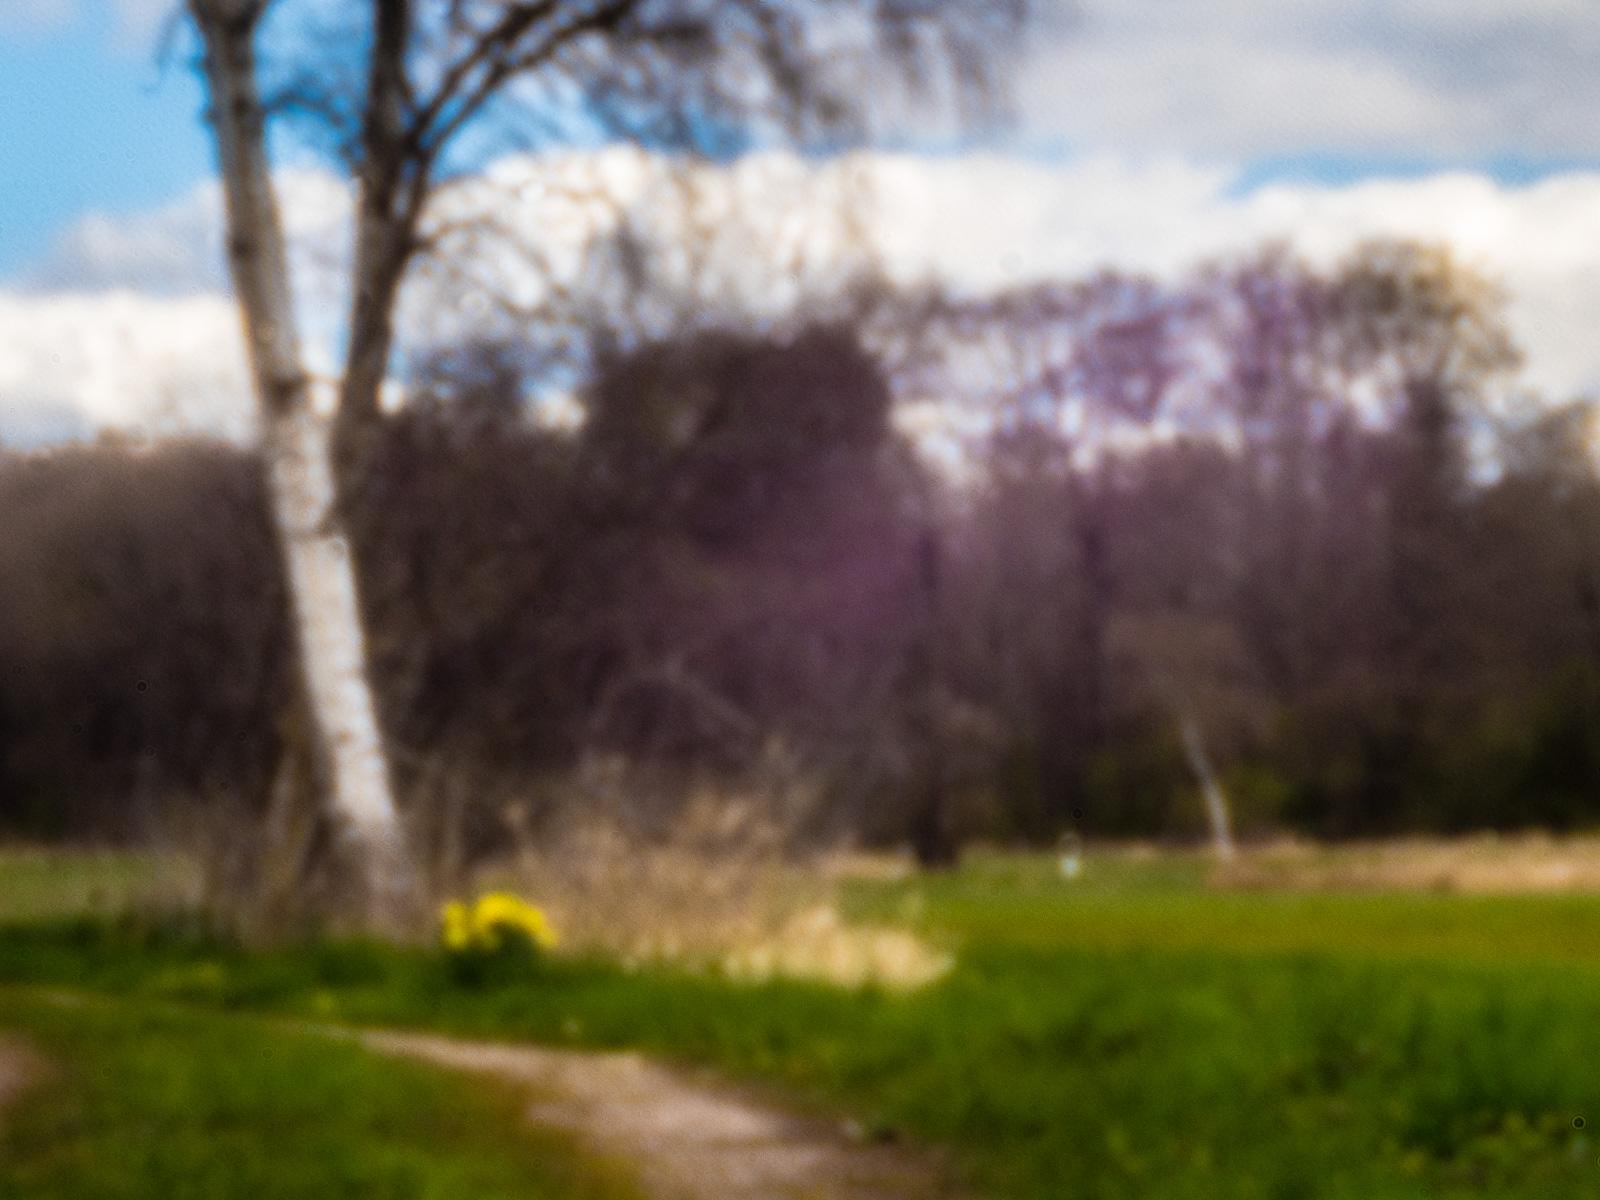 Birke und Osterglocken auf dem Feld, Lochkamera bei ca. 80mm Bildweite